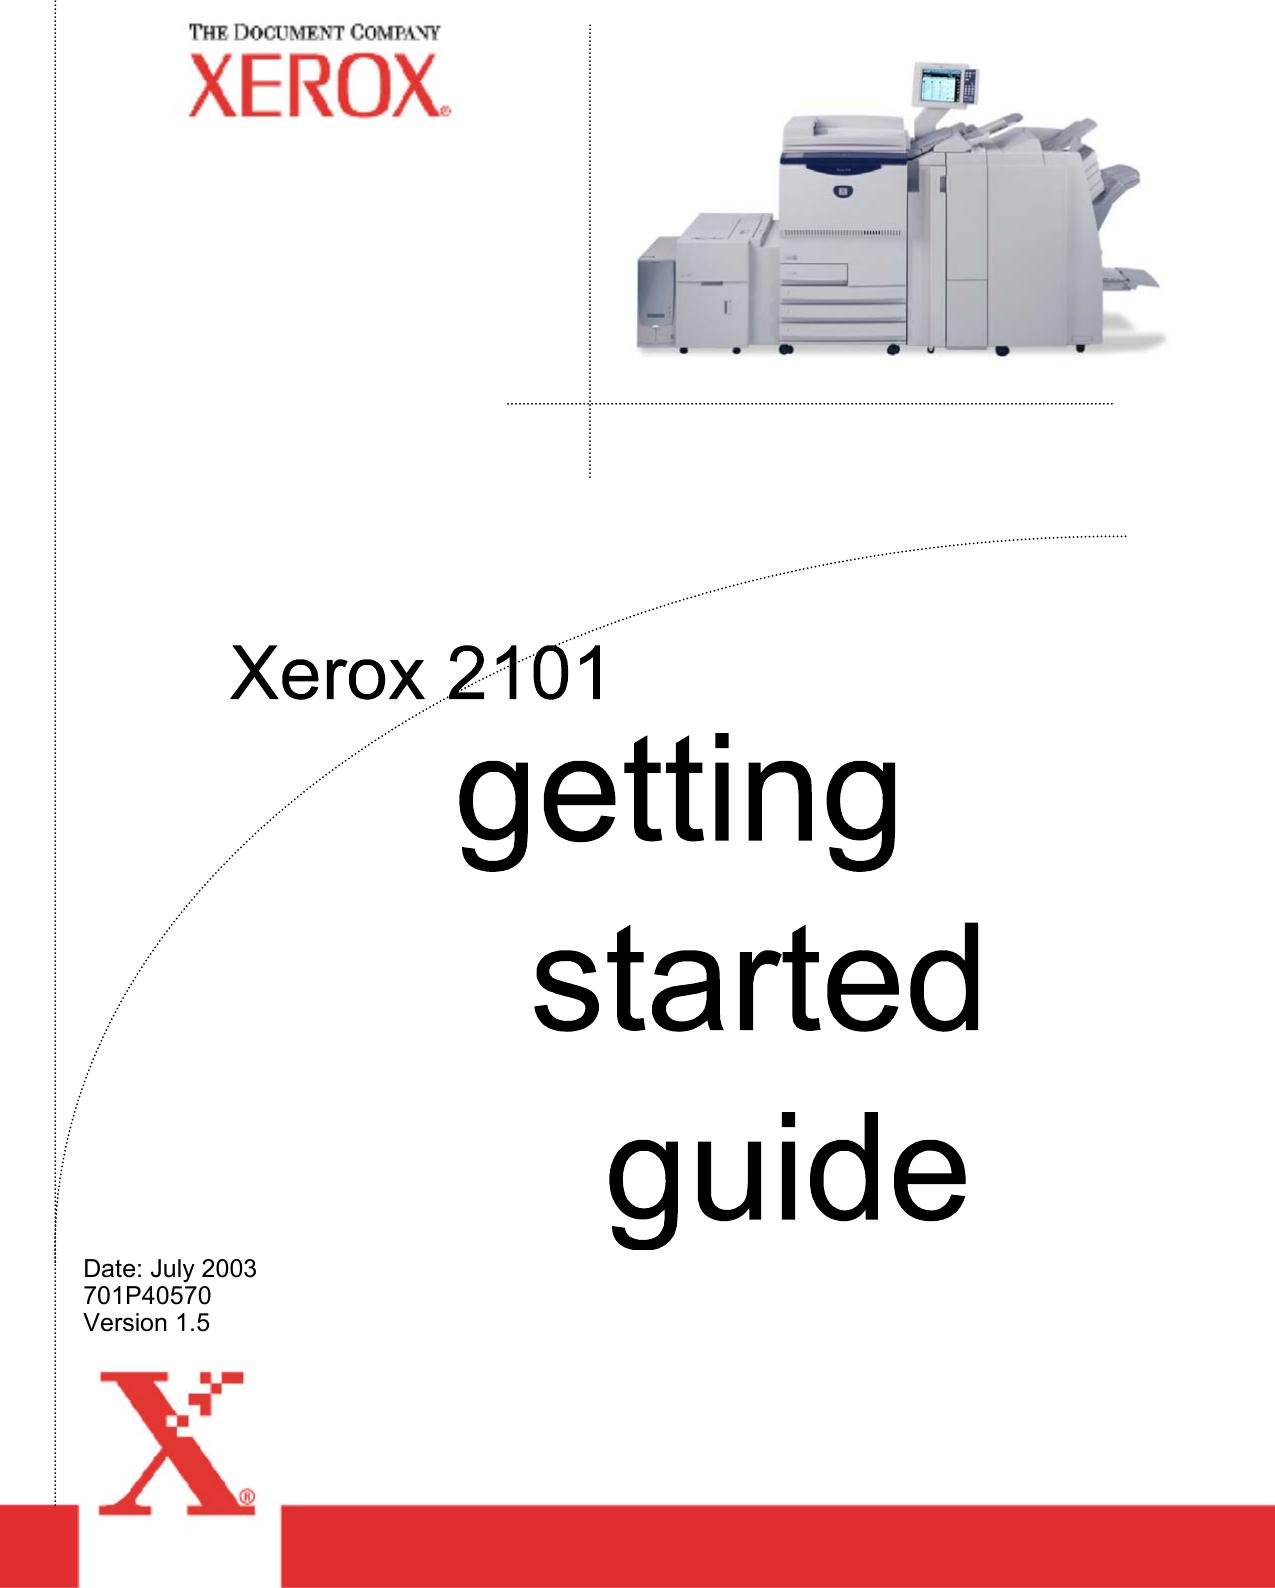 XEROX 2101 ST DIGITAL PRINTER POSTSCRIPTPCL WINDOWS 8.1 DRIVER